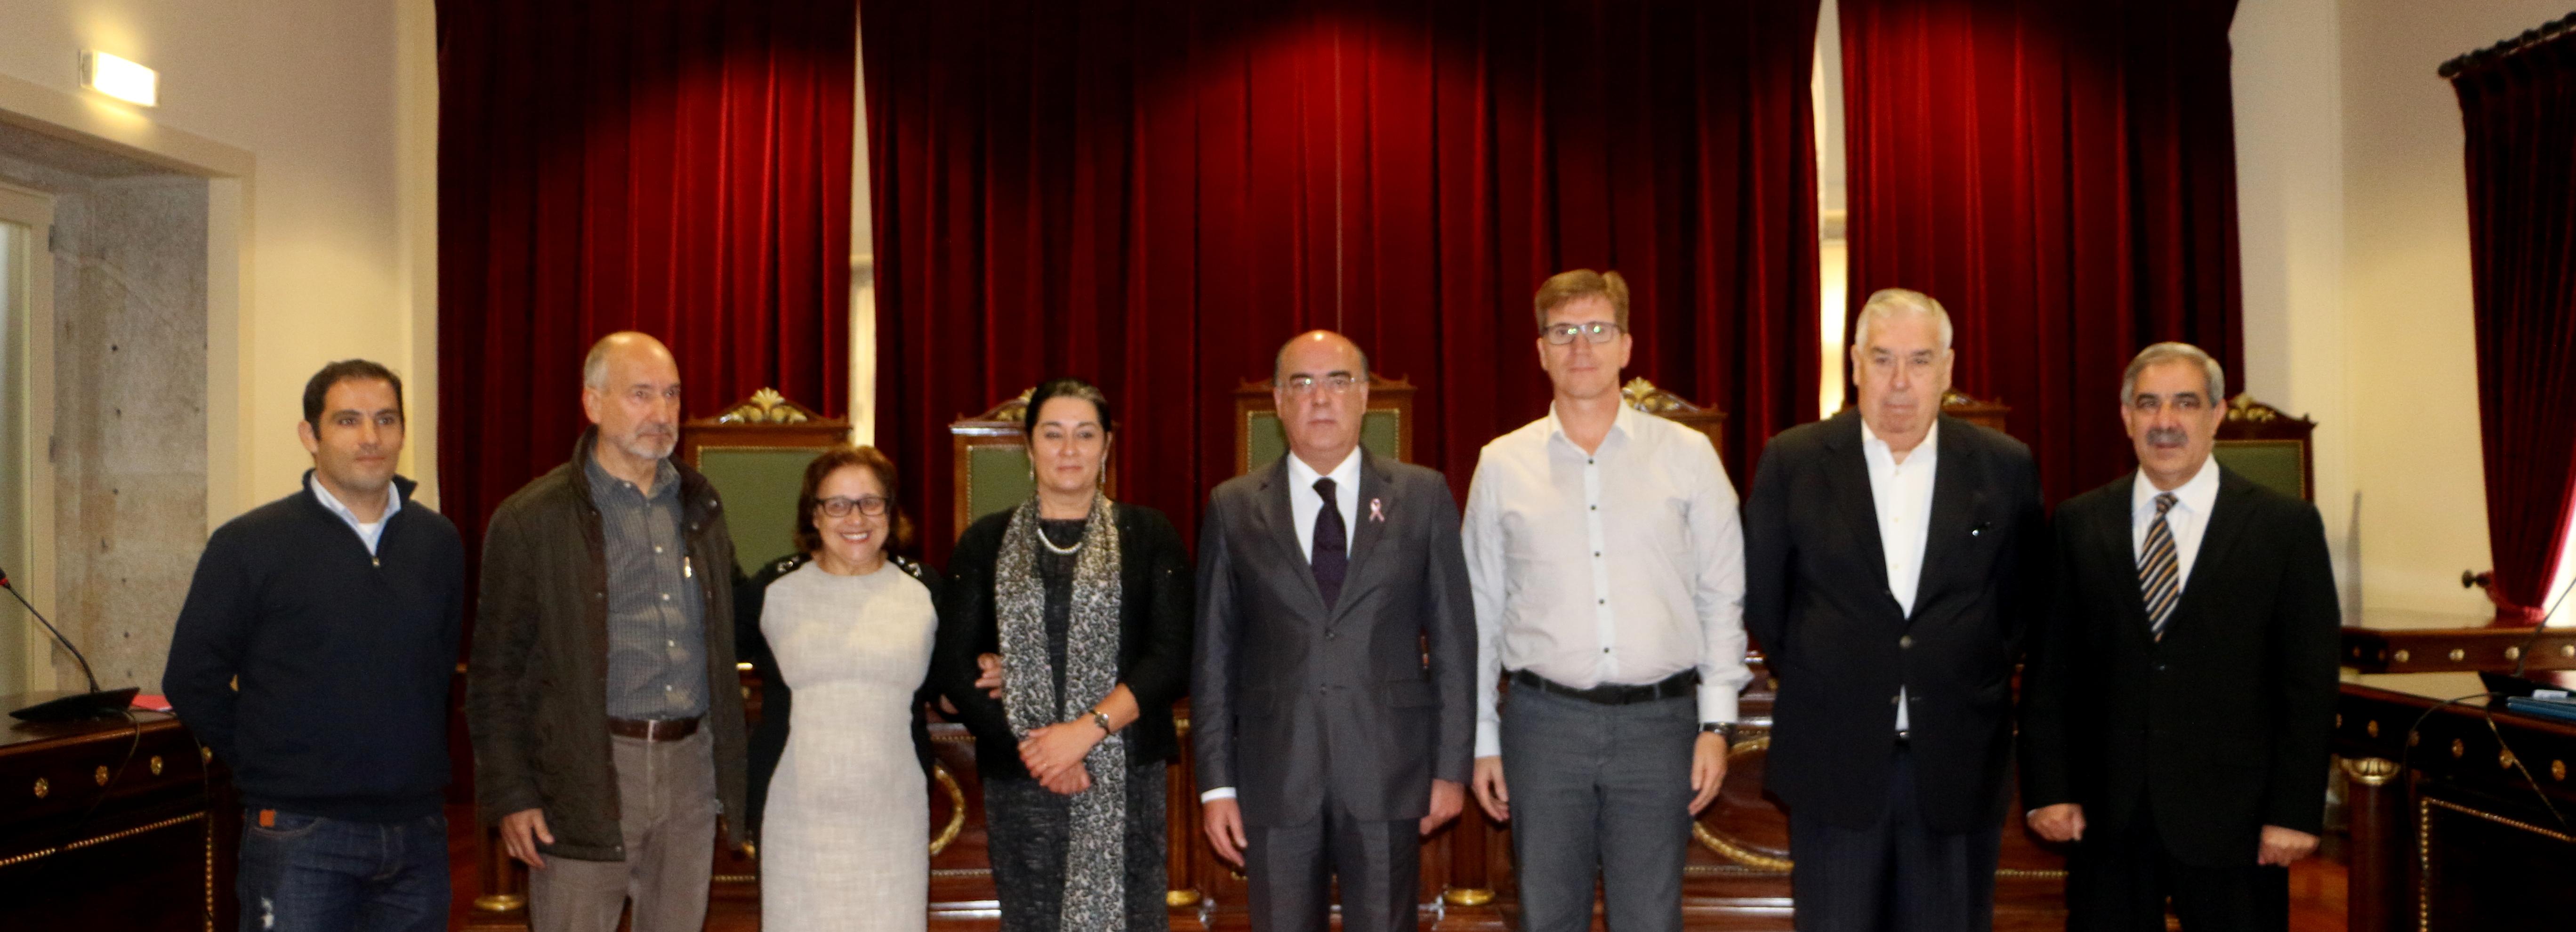 Câmara Municipal de Barcelos assinou protocolos de cariz social com diversas instituições